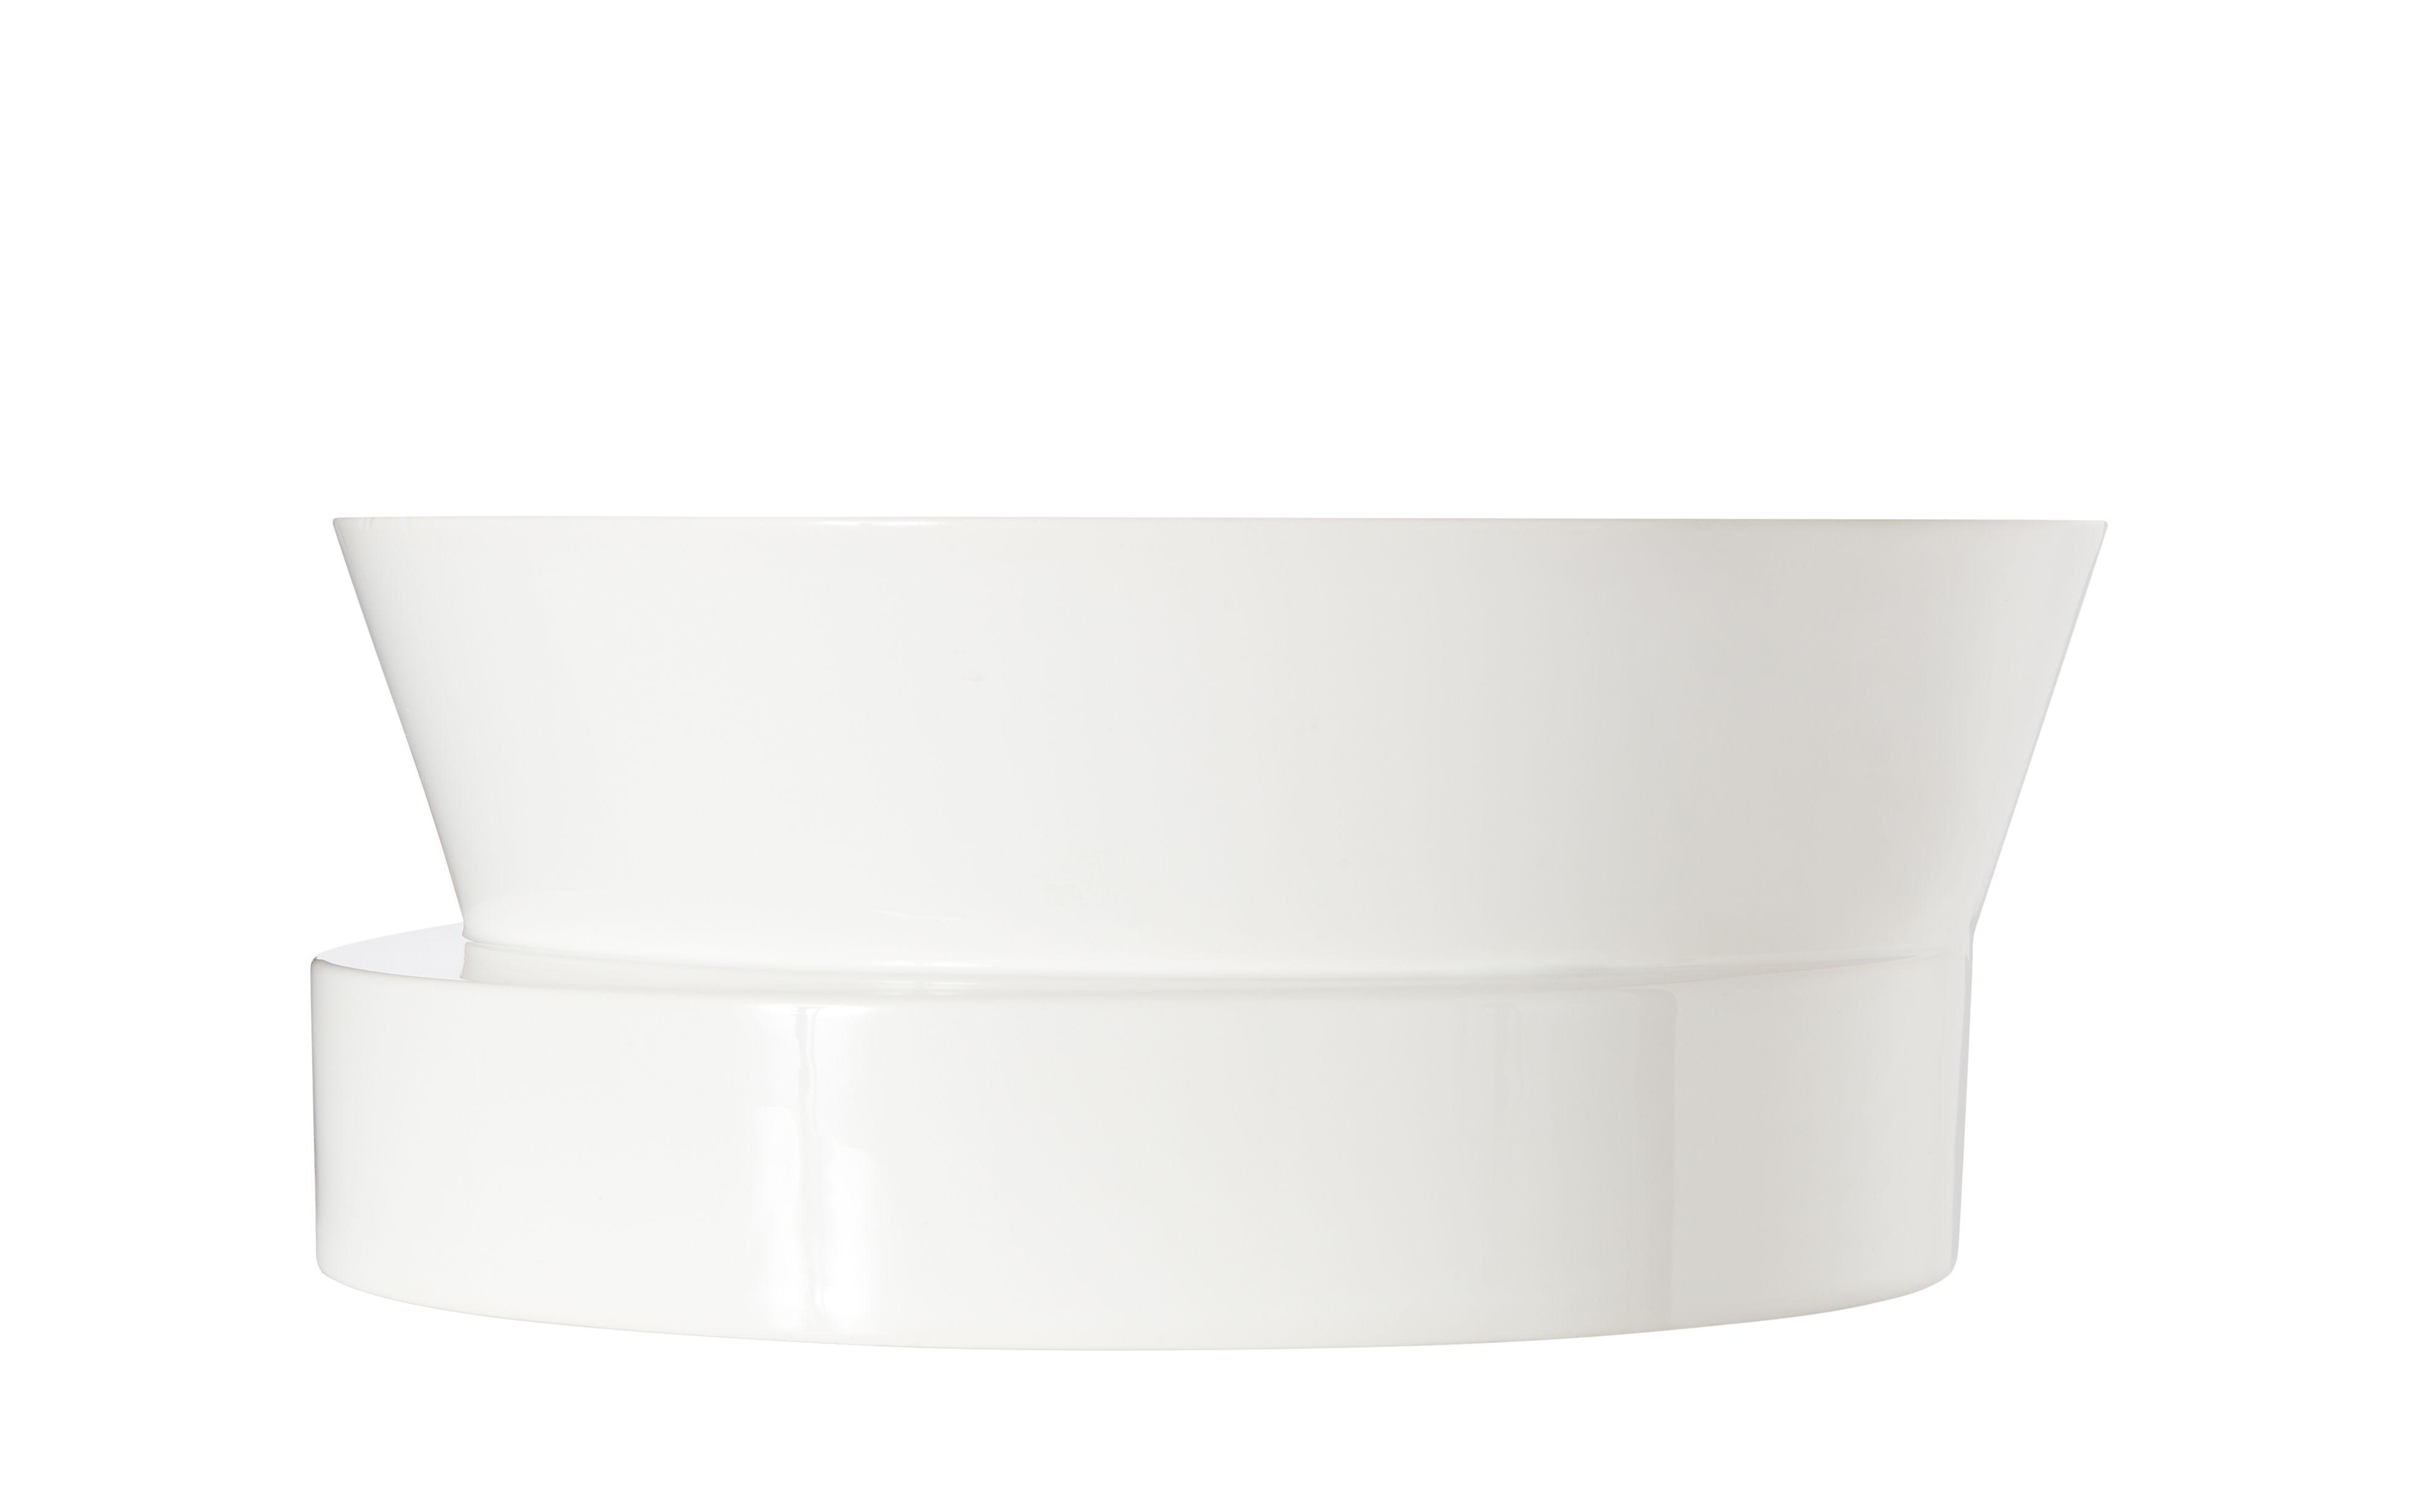 Tableware - Fruit Bowls & Centrepieces - Block Bowl - / Ø 30 x H 12 cm by Tom Dixon - White - Enamelled earthenware